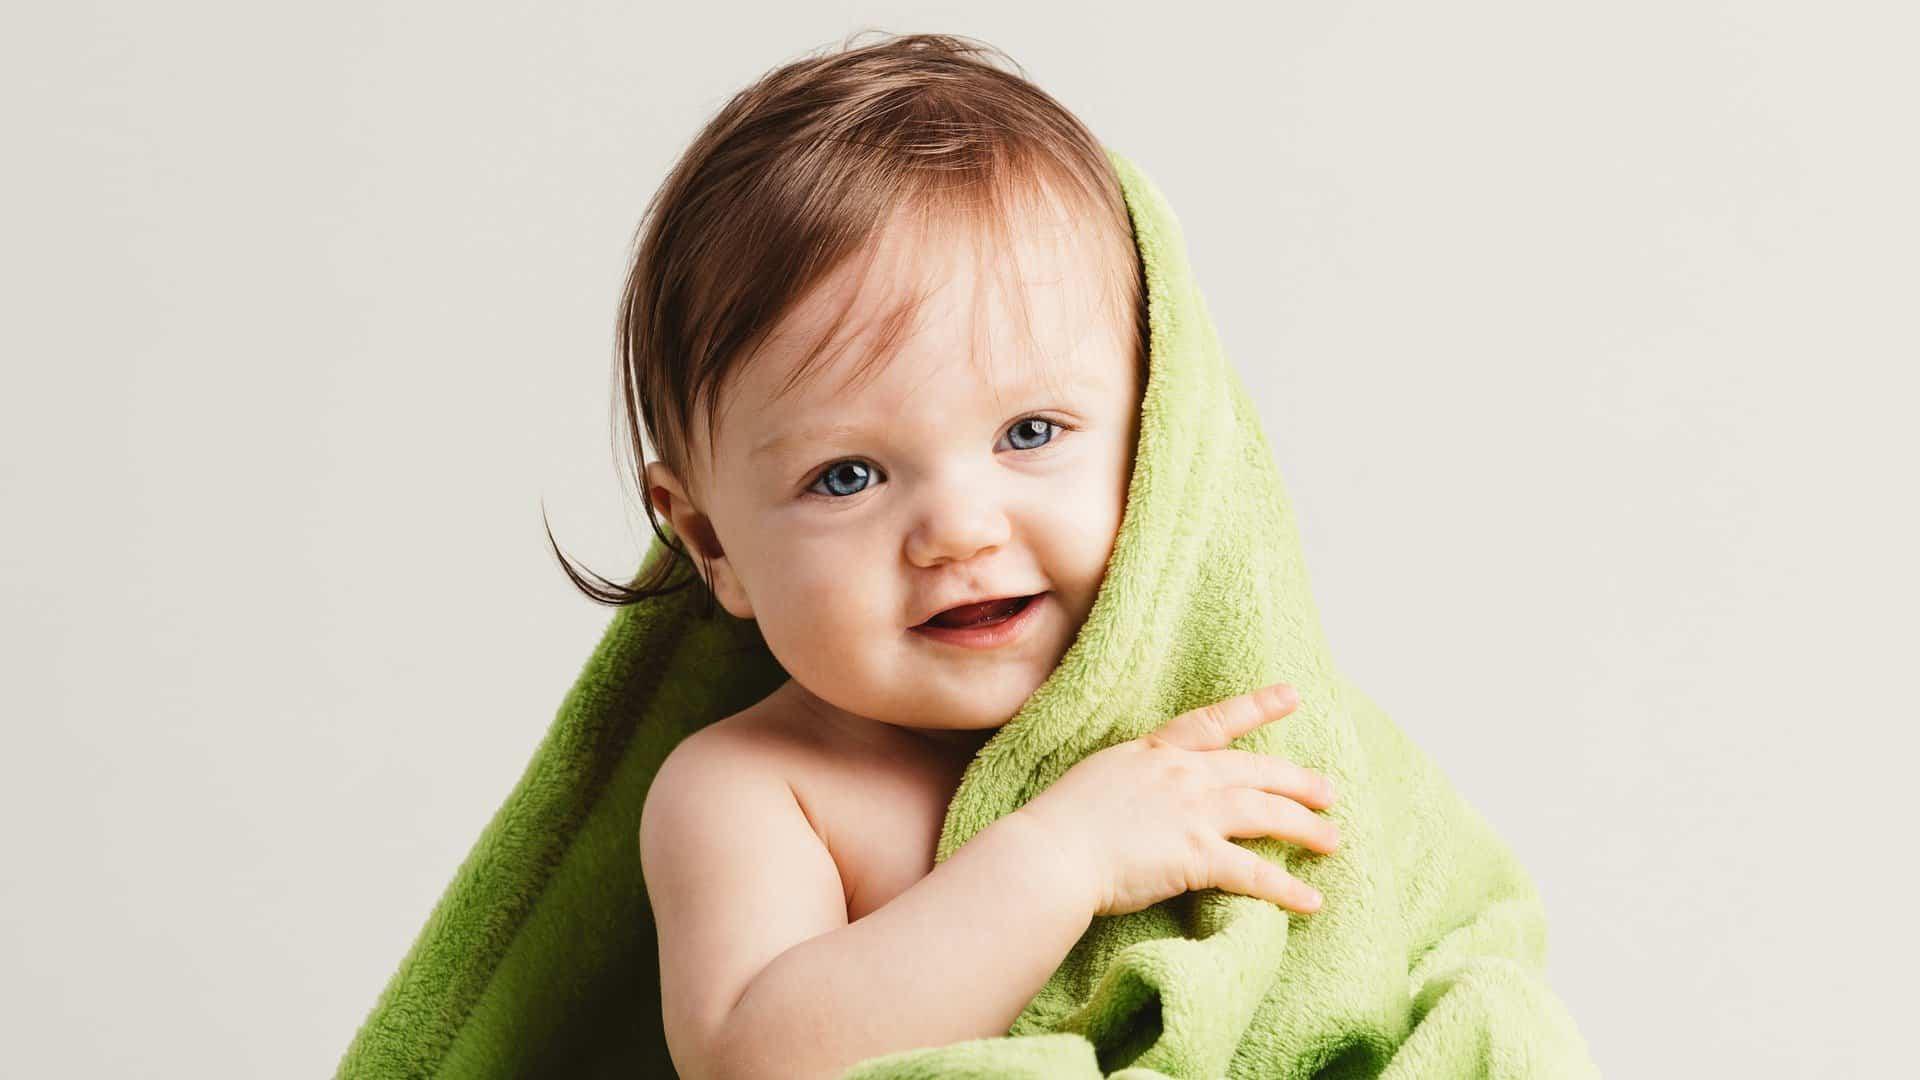 Il bagnetto intelligente: un videocorso di nuoto baby nella vasca di casa